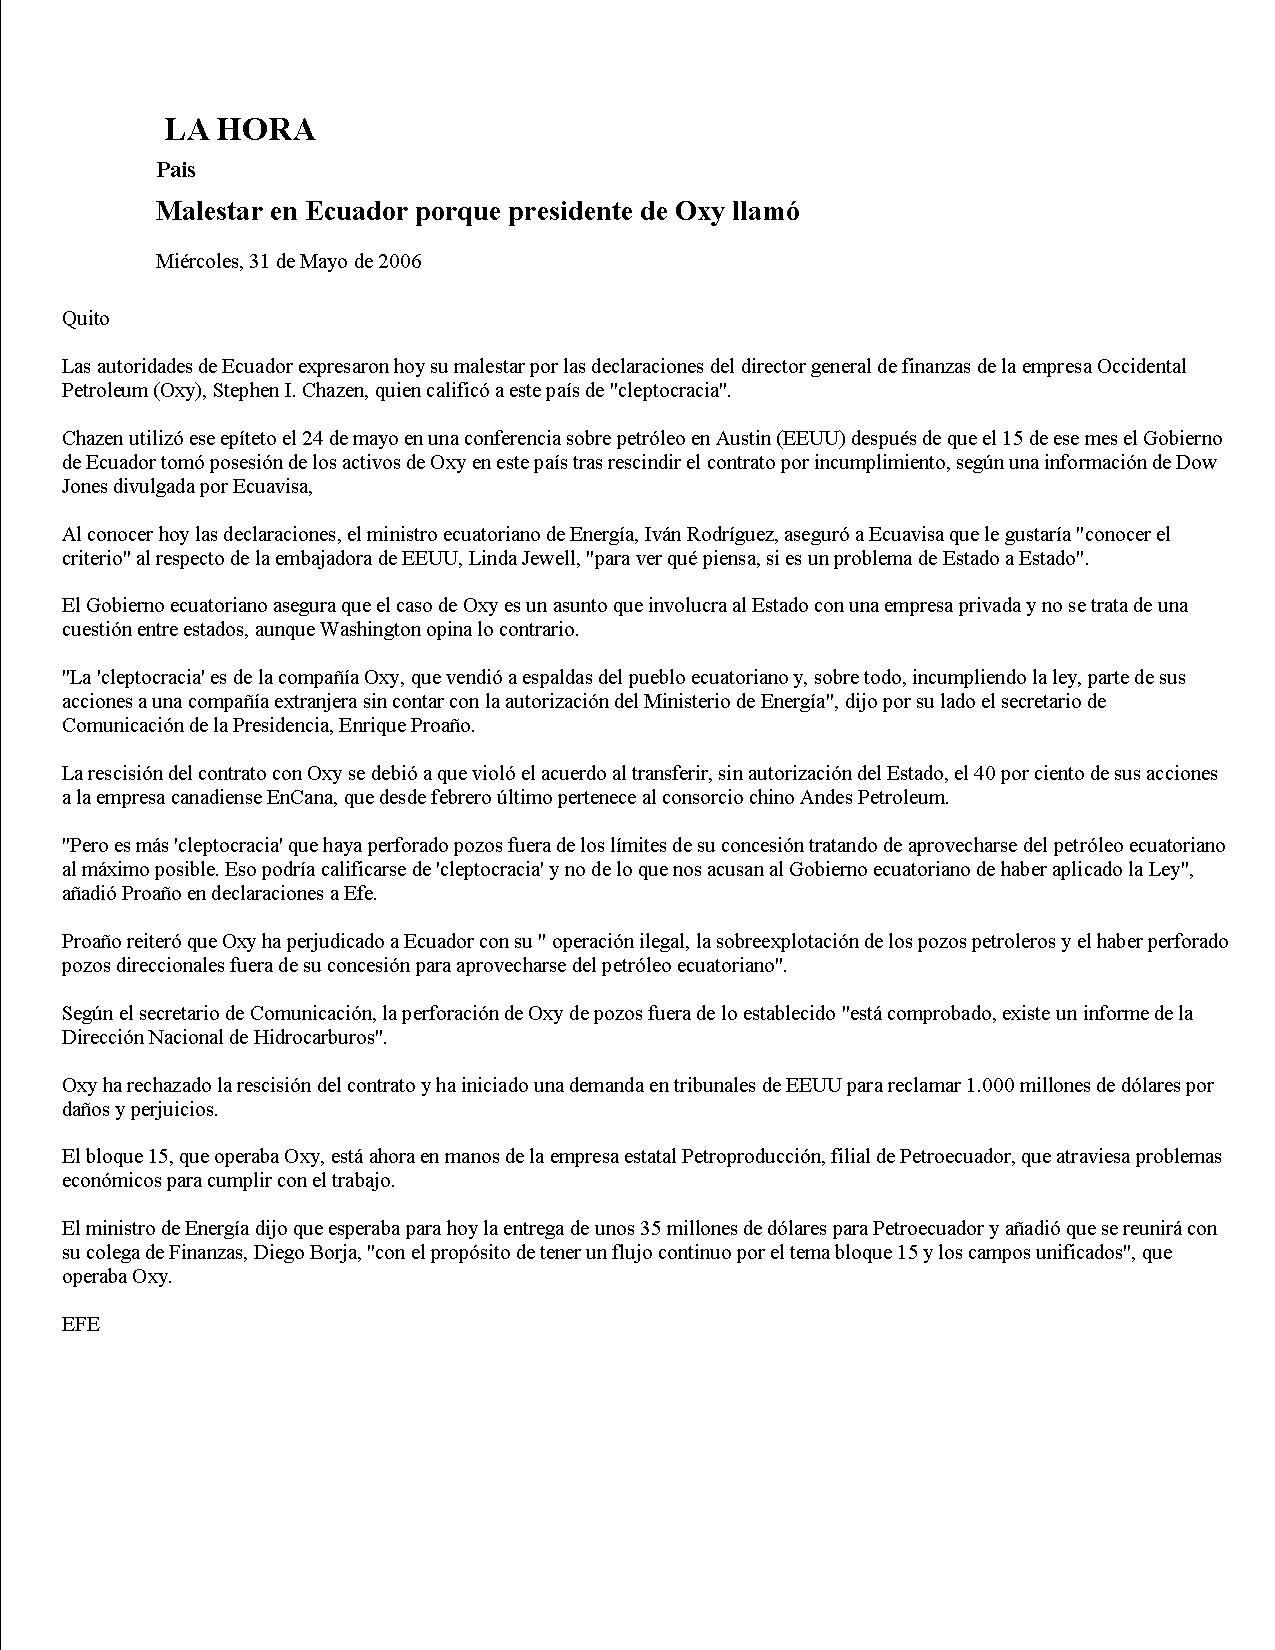 12-2006-05-31 La Hora